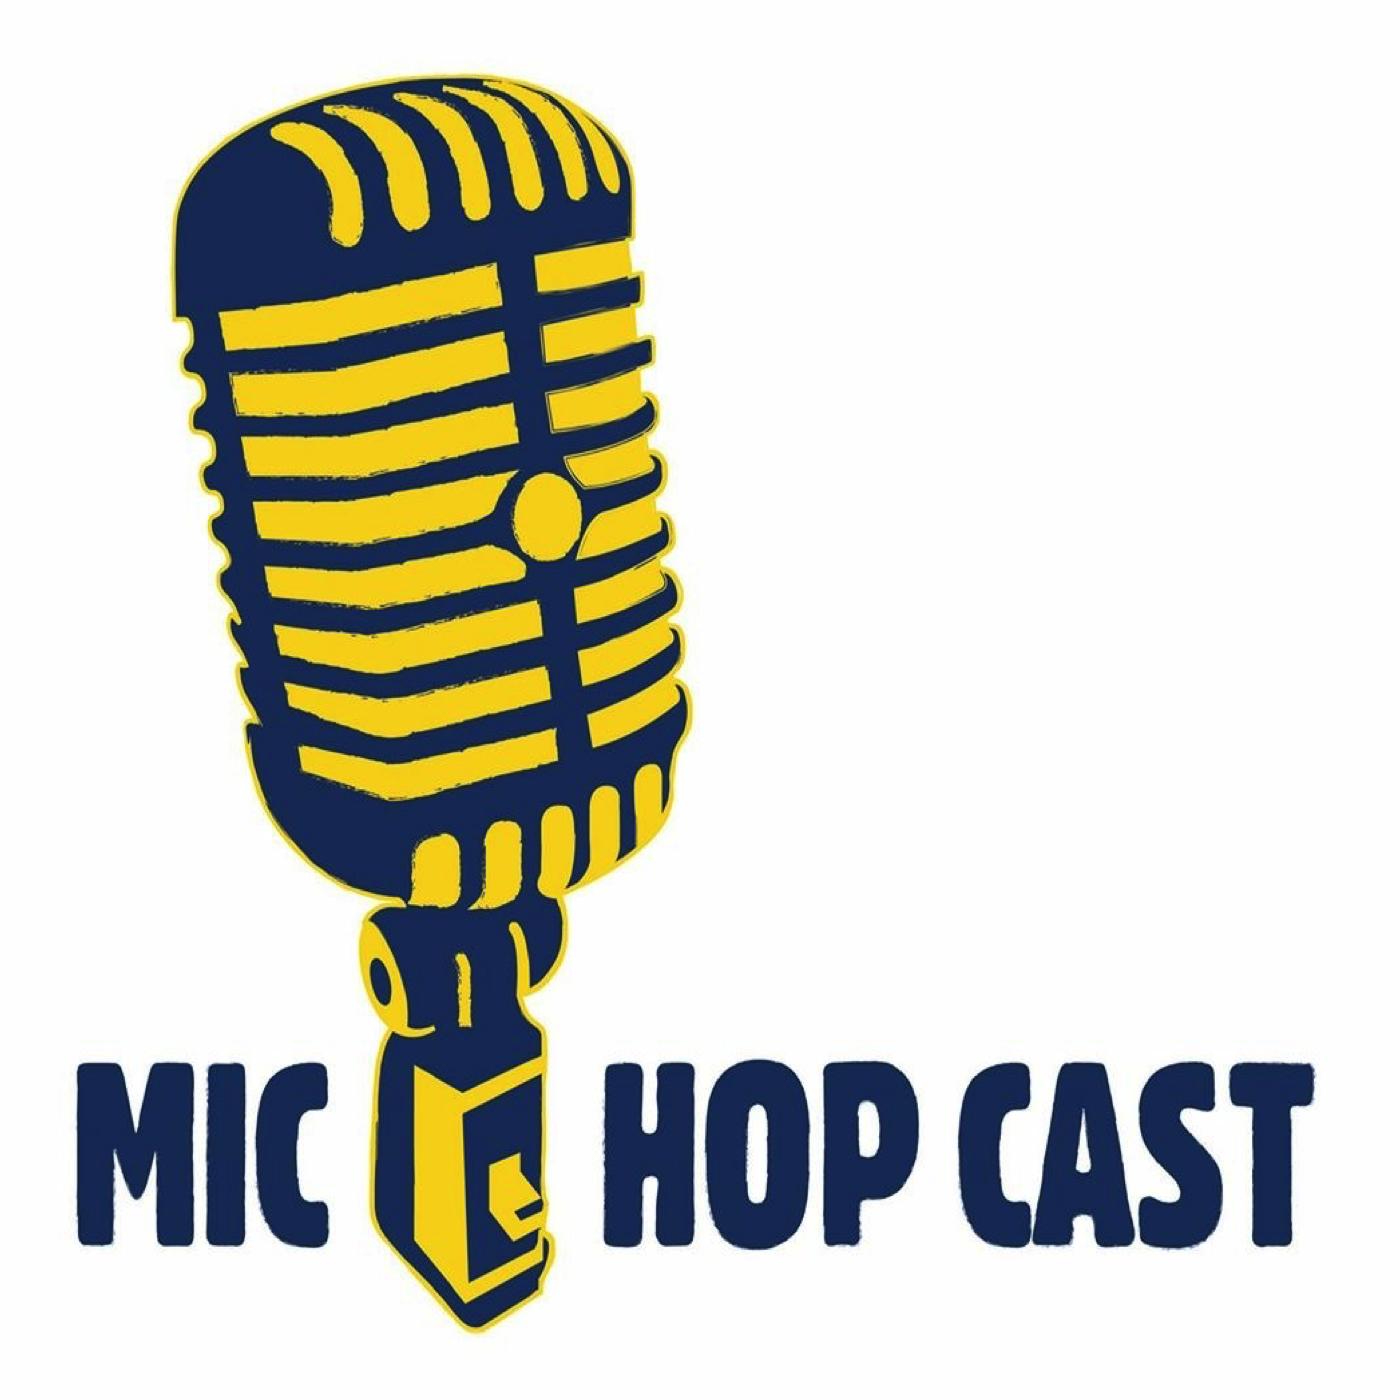 Mic Hop Cast